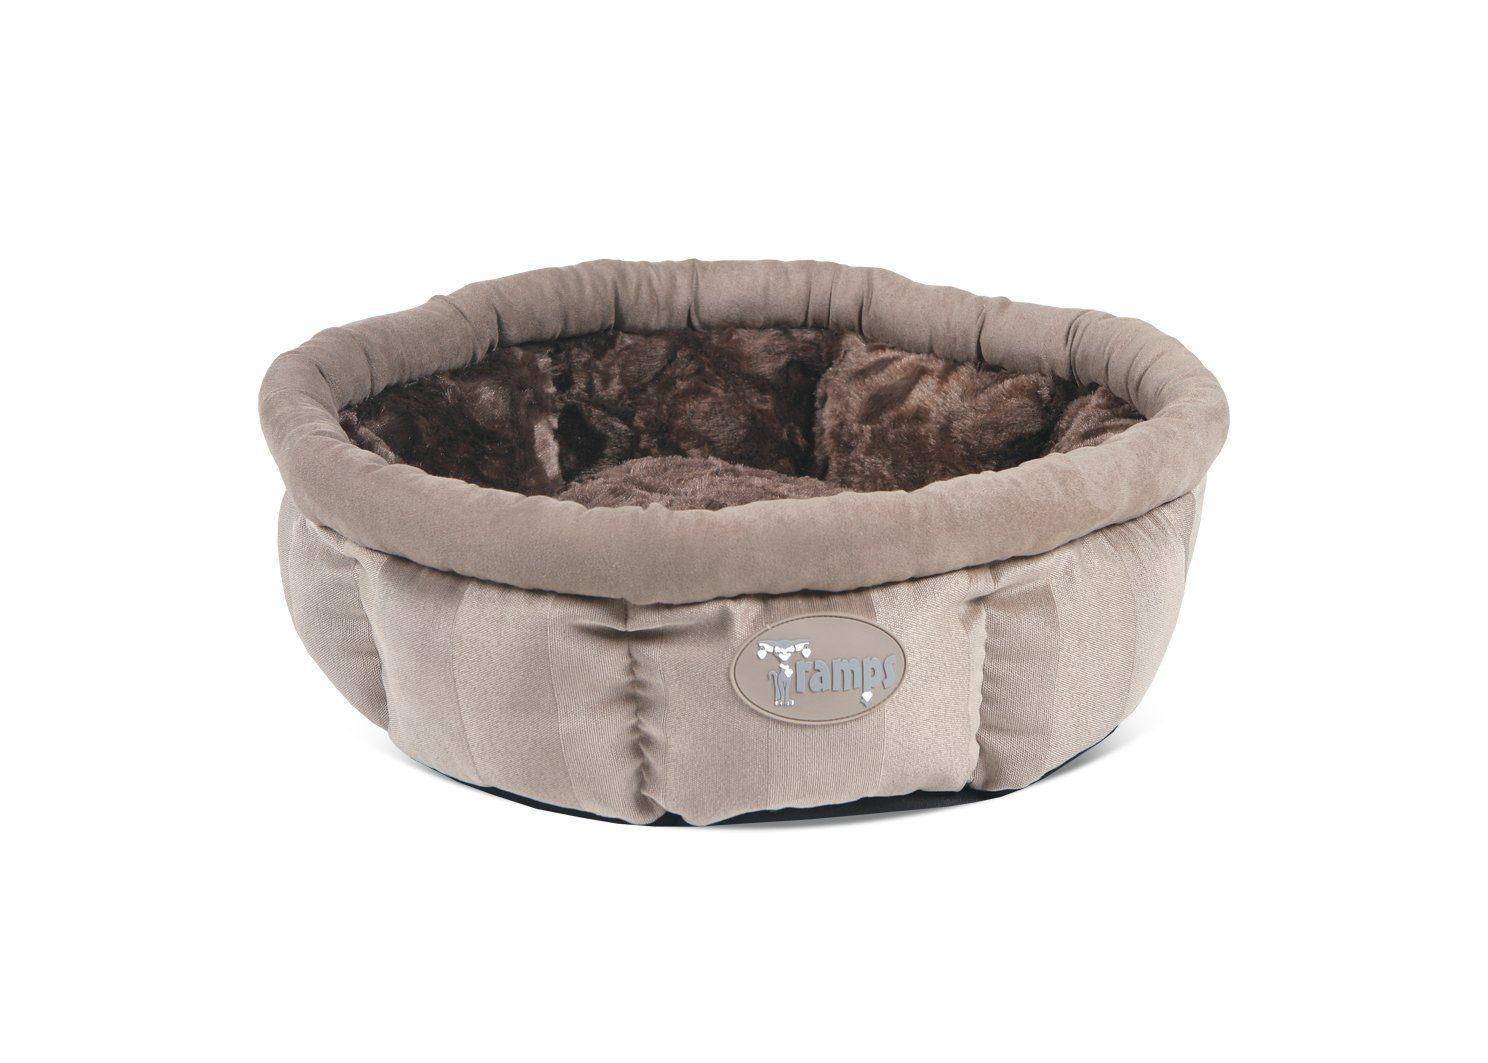 Scruffs Tramps AristoCat Ring Cat Bed, 45 x 45 cm, Tan